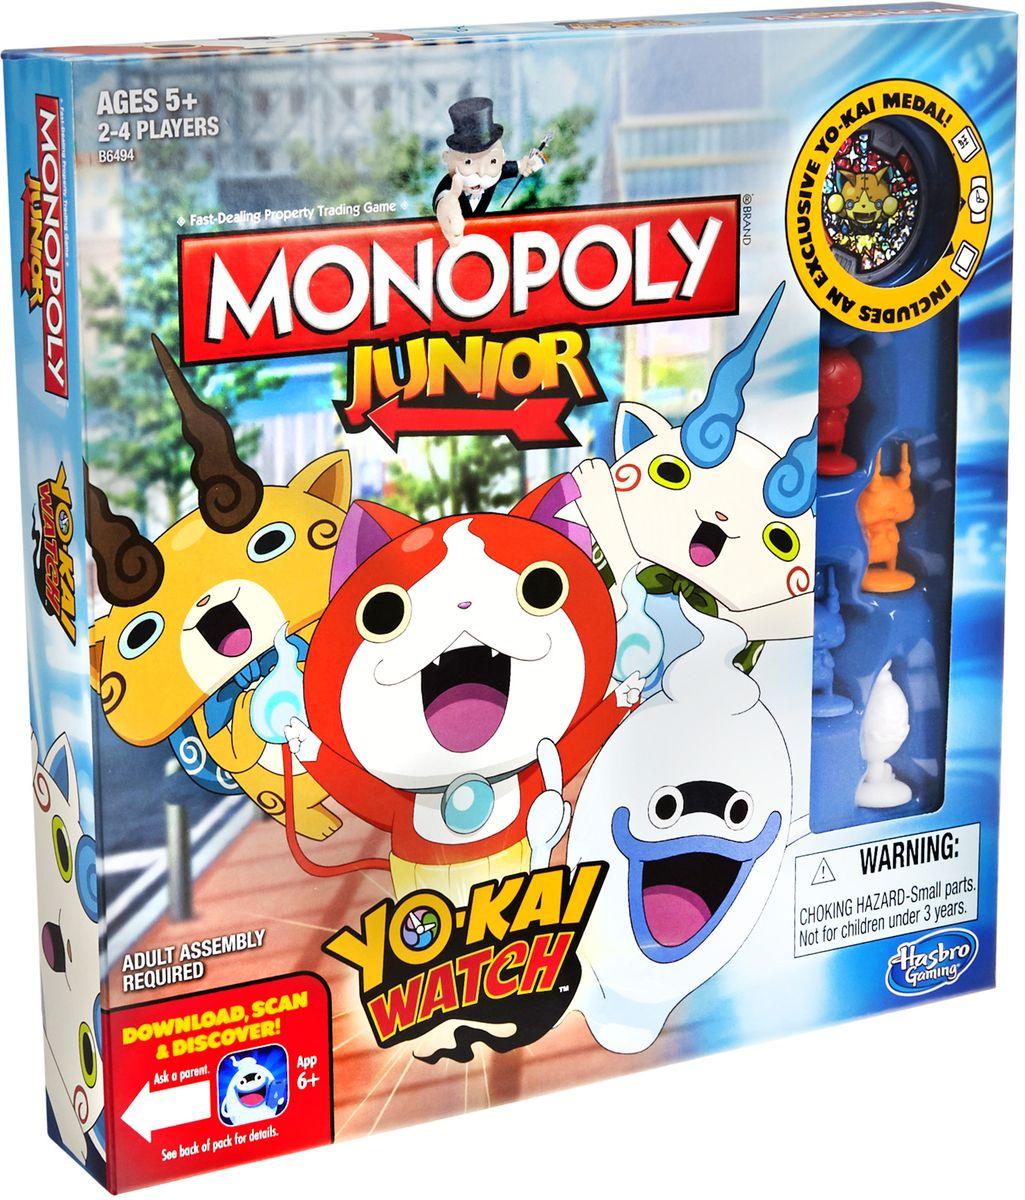 Monopoly Настольная игра Монополия ДжуниорB6494121Теперь сражения между героями происходит по правилам игры Монополия. Только в этой игре - редкие 2 медали.